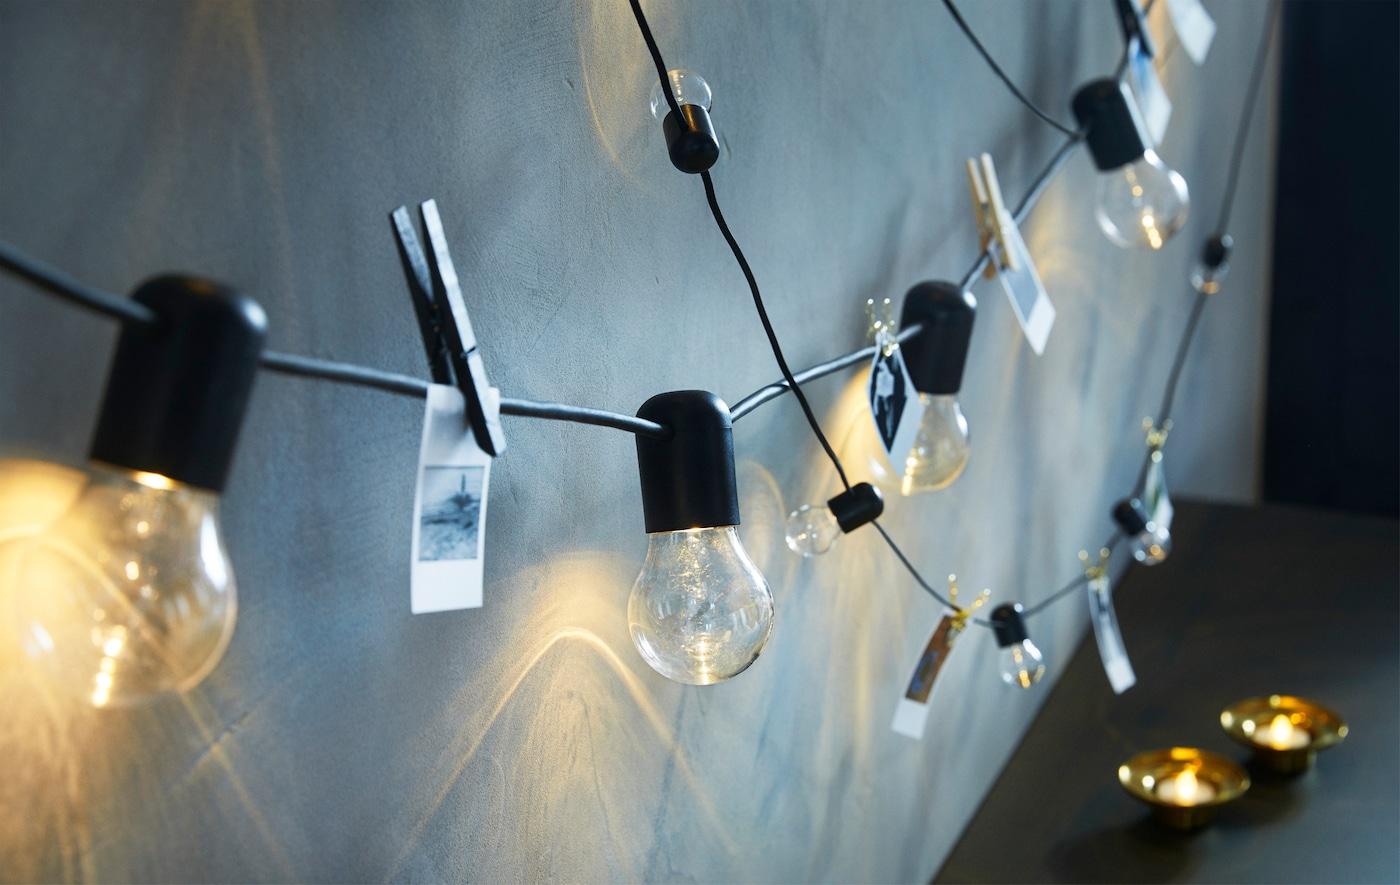 Comment Accrocher Une Guirlande Lumineuse Au Mur une déco de guirlandes lumineuses - ikea